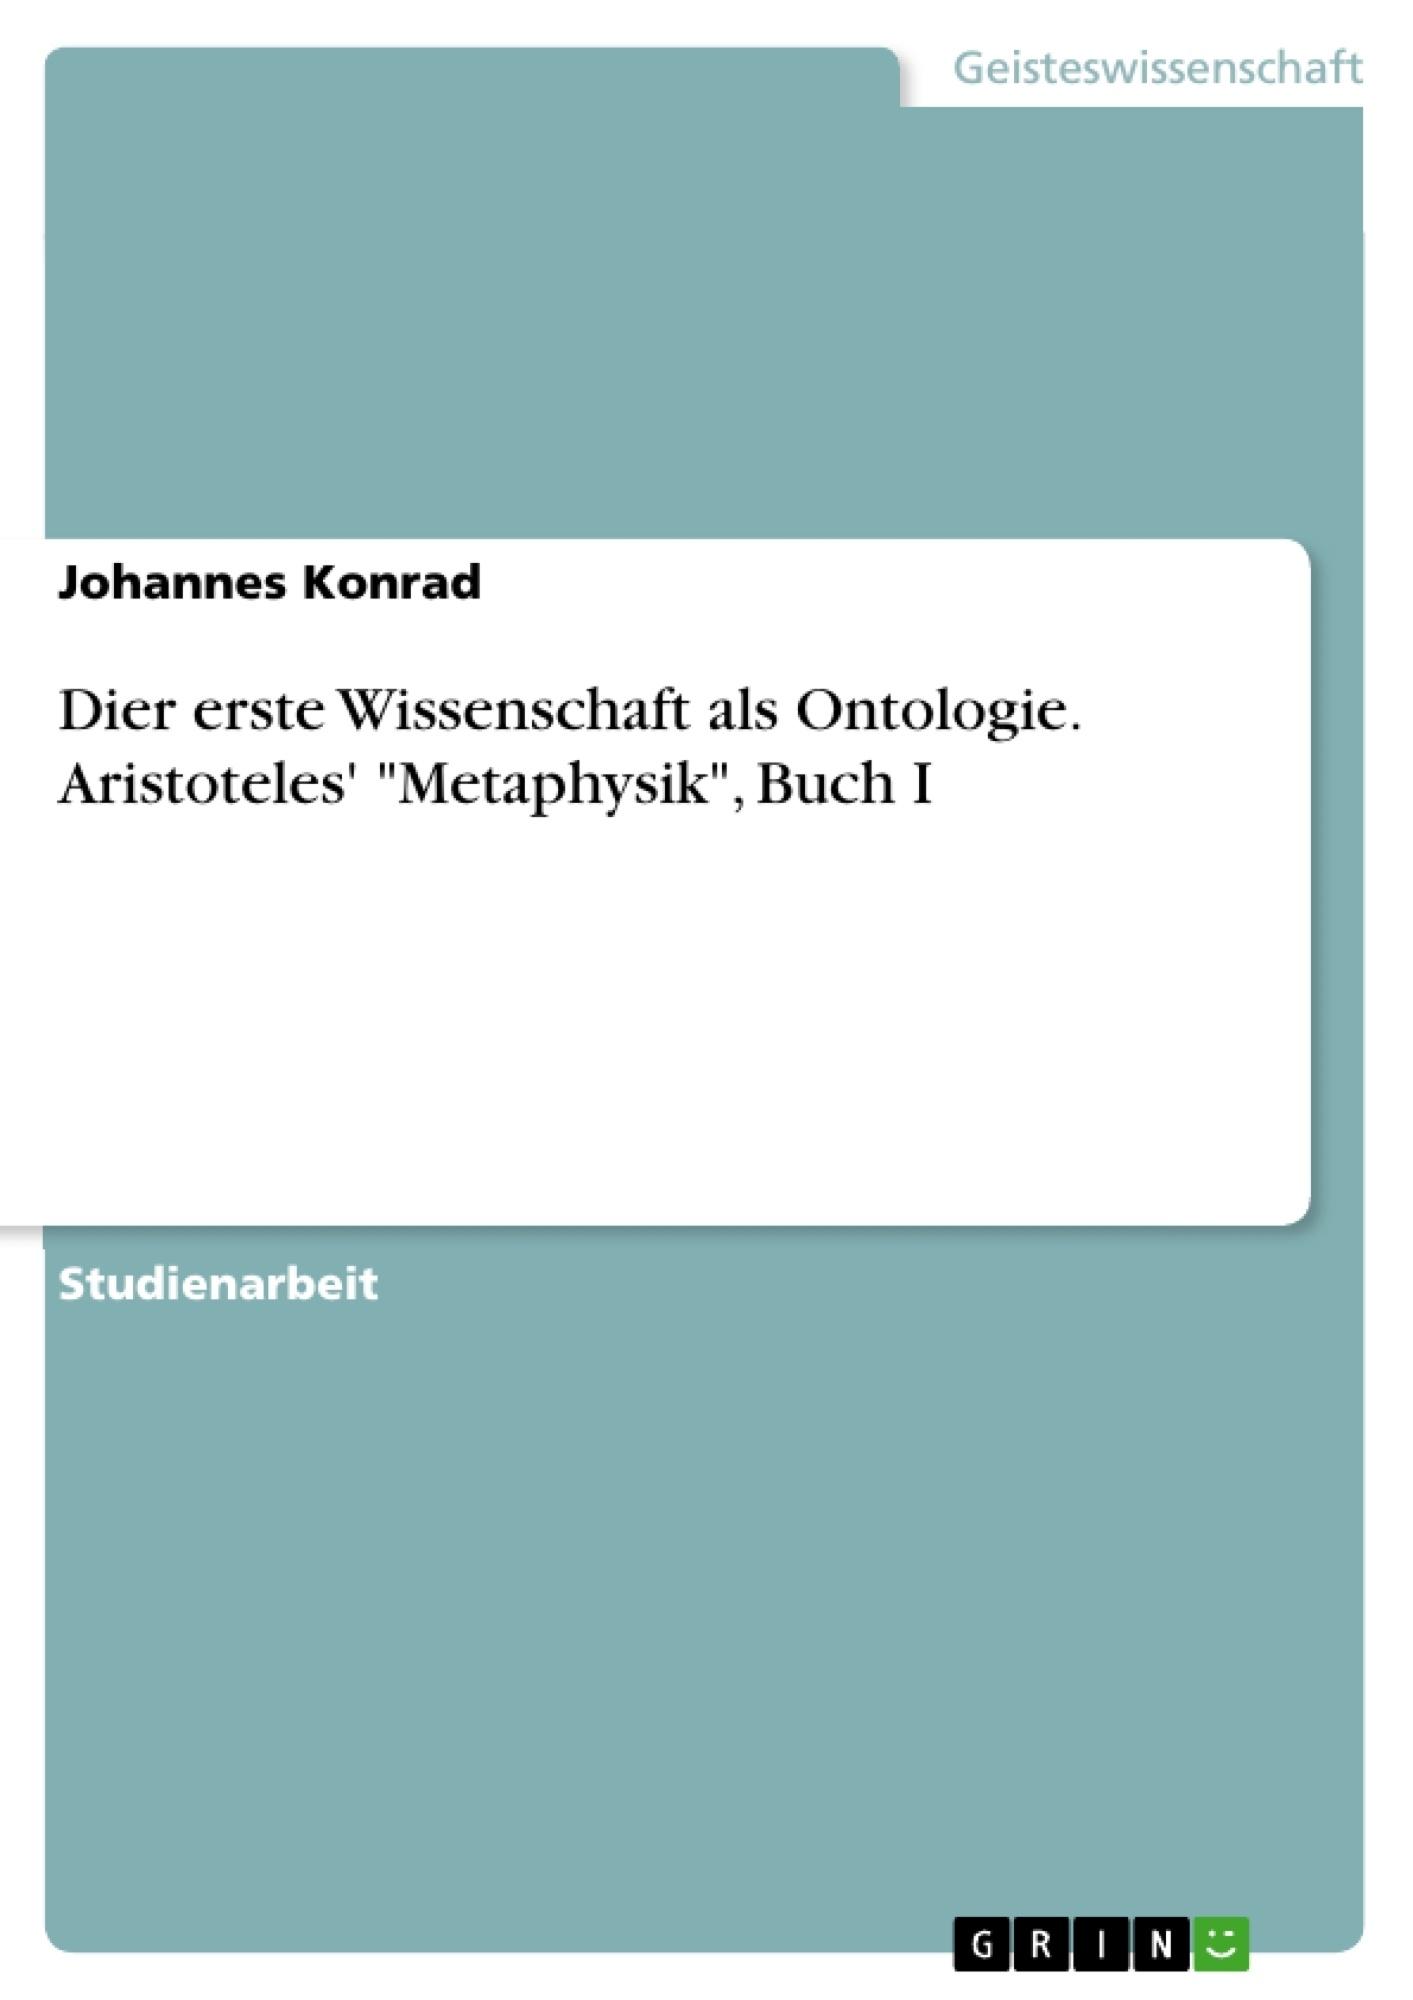 """Titel: Dier erste Wissenschaft als Ontologie. Aristoteles' """"Metaphysik"""", Buch I"""